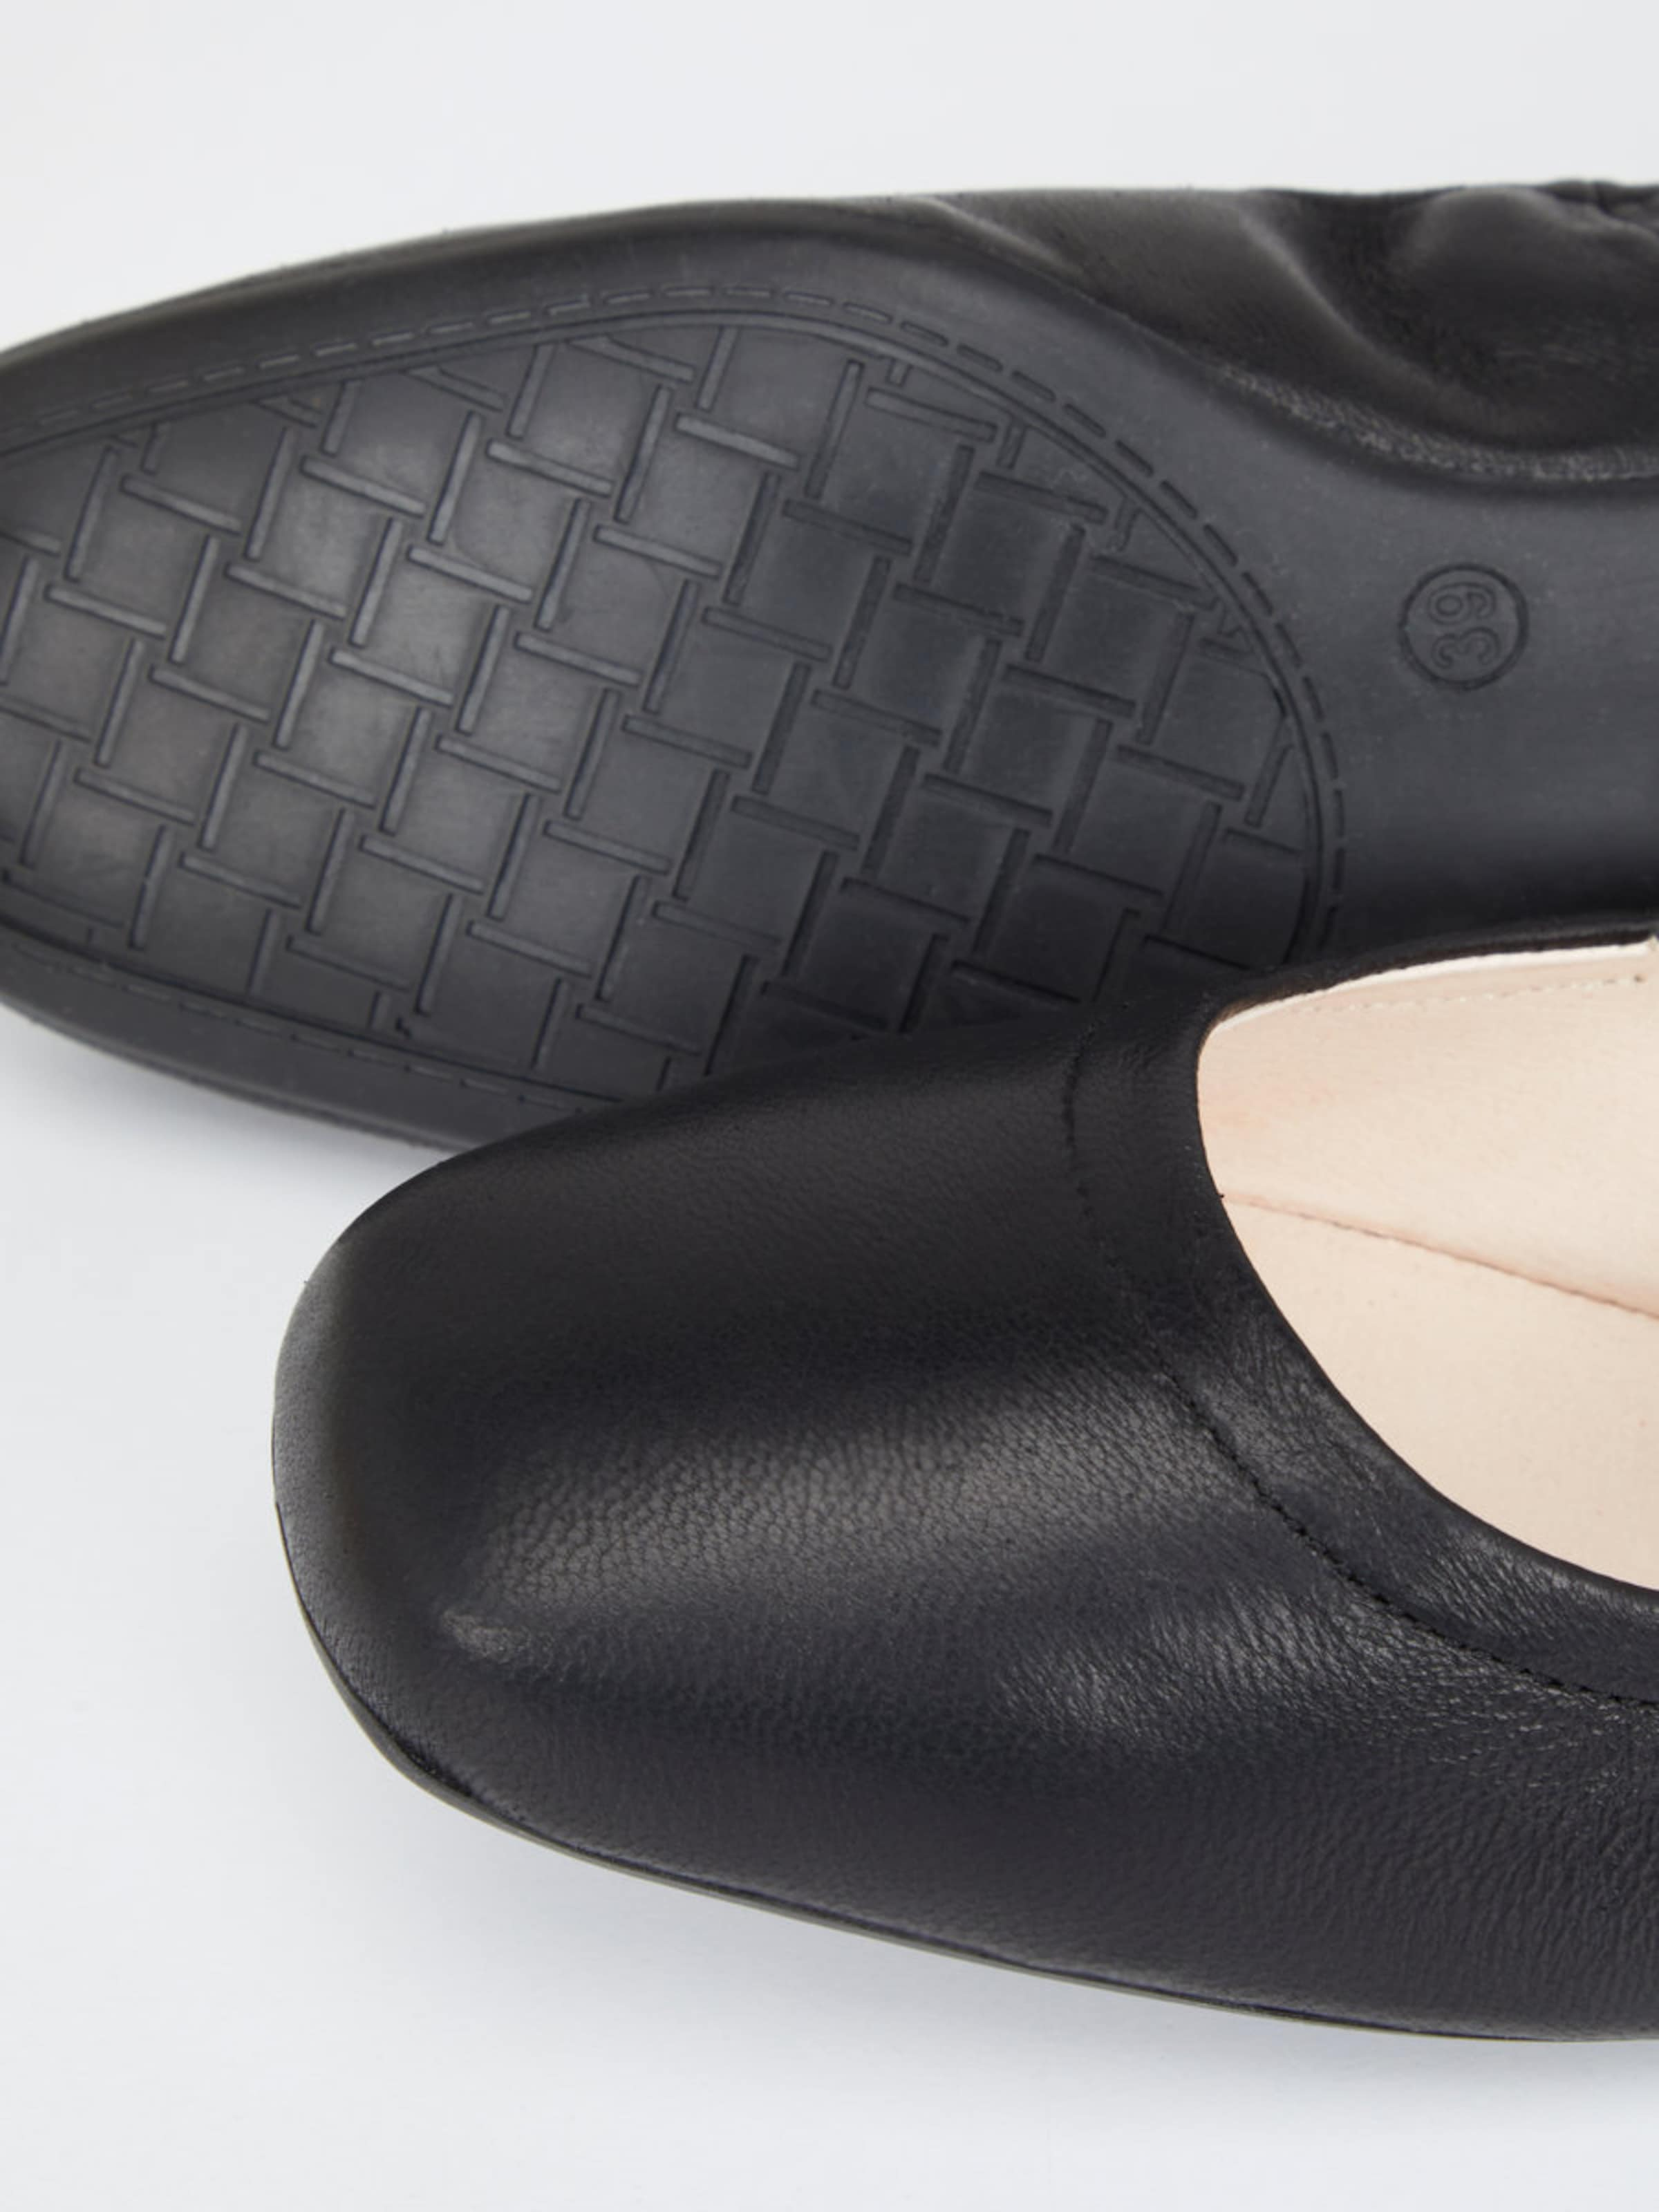 Günstig Kaufen Suche Bianco Stretch Ballerinas Perfekte Online Rabatt Breite Palette Von RBGrwSC